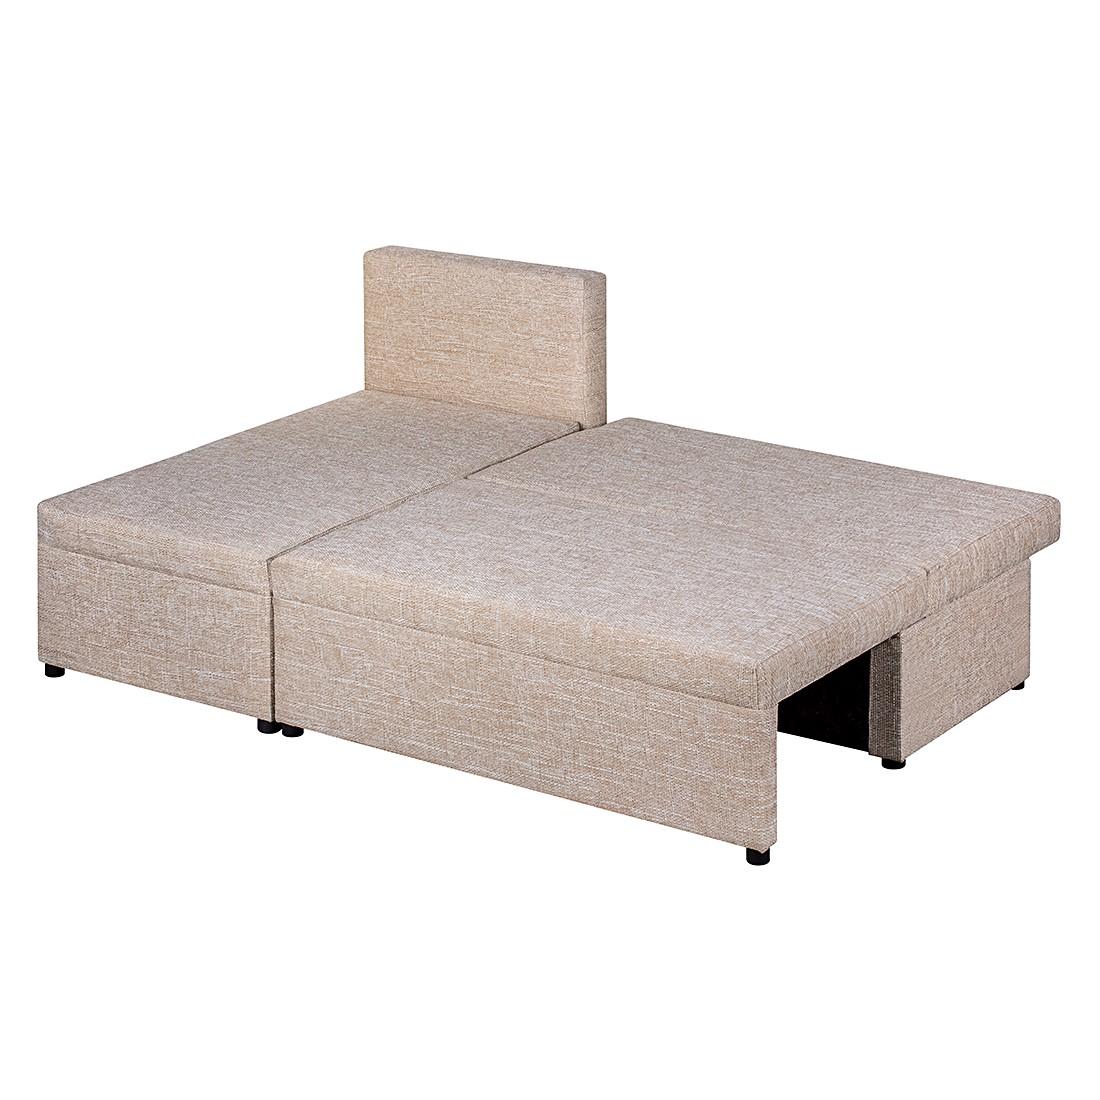 ecksofa mit schlaffunktion kurze lieferzeit. Black Bedroom Furniture Sets. Home Design Ideas